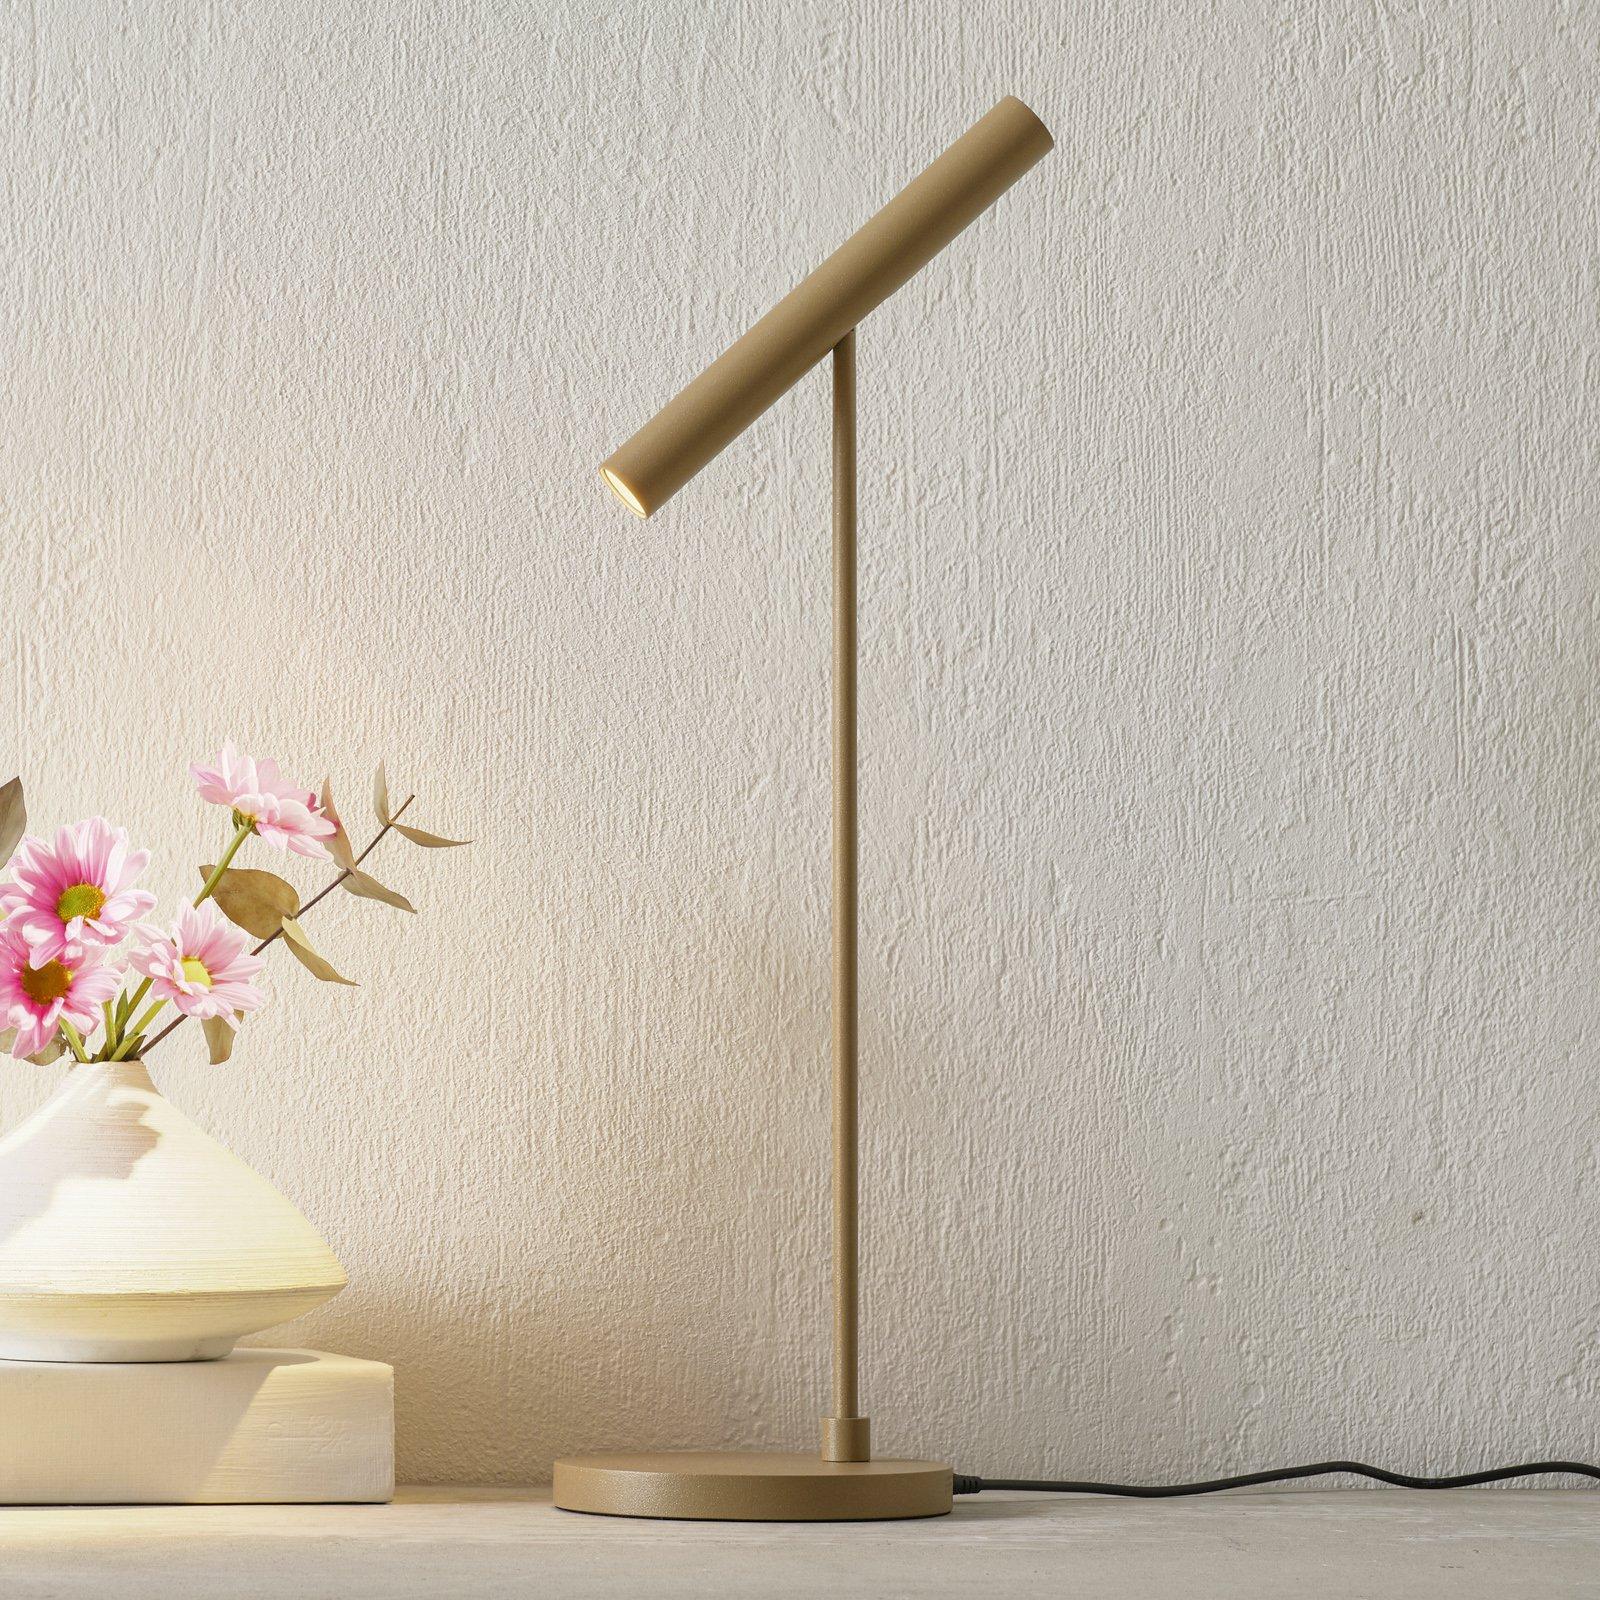 LOUM Meyjo LED-bordlampe sensor-dim terra